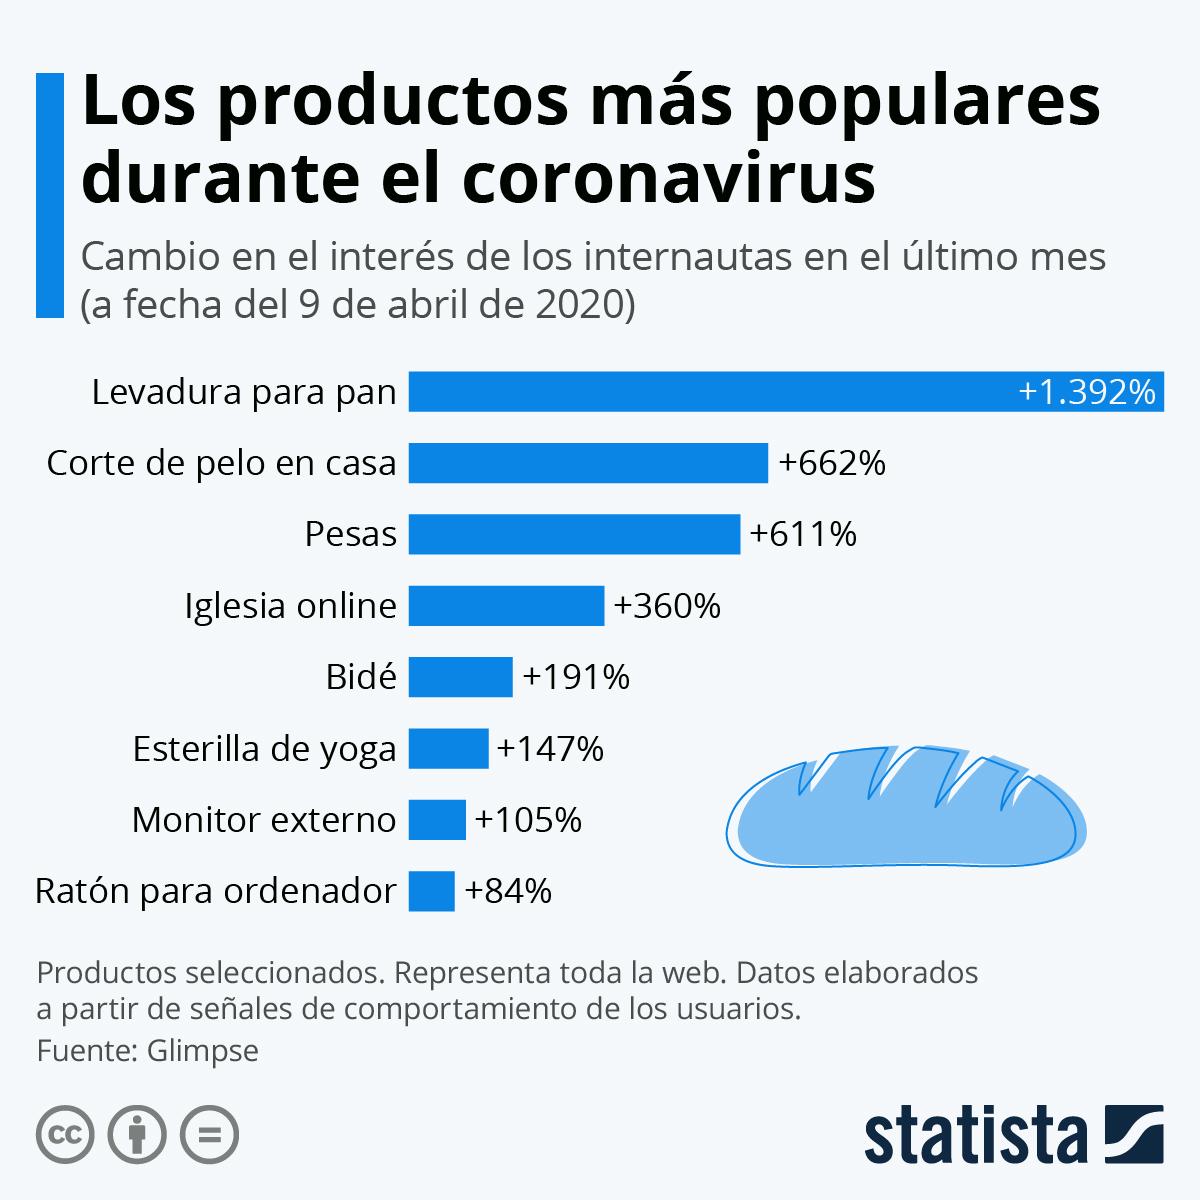 Los productos más populares durante el confinamiento. Fuente: Statista/Glimpe